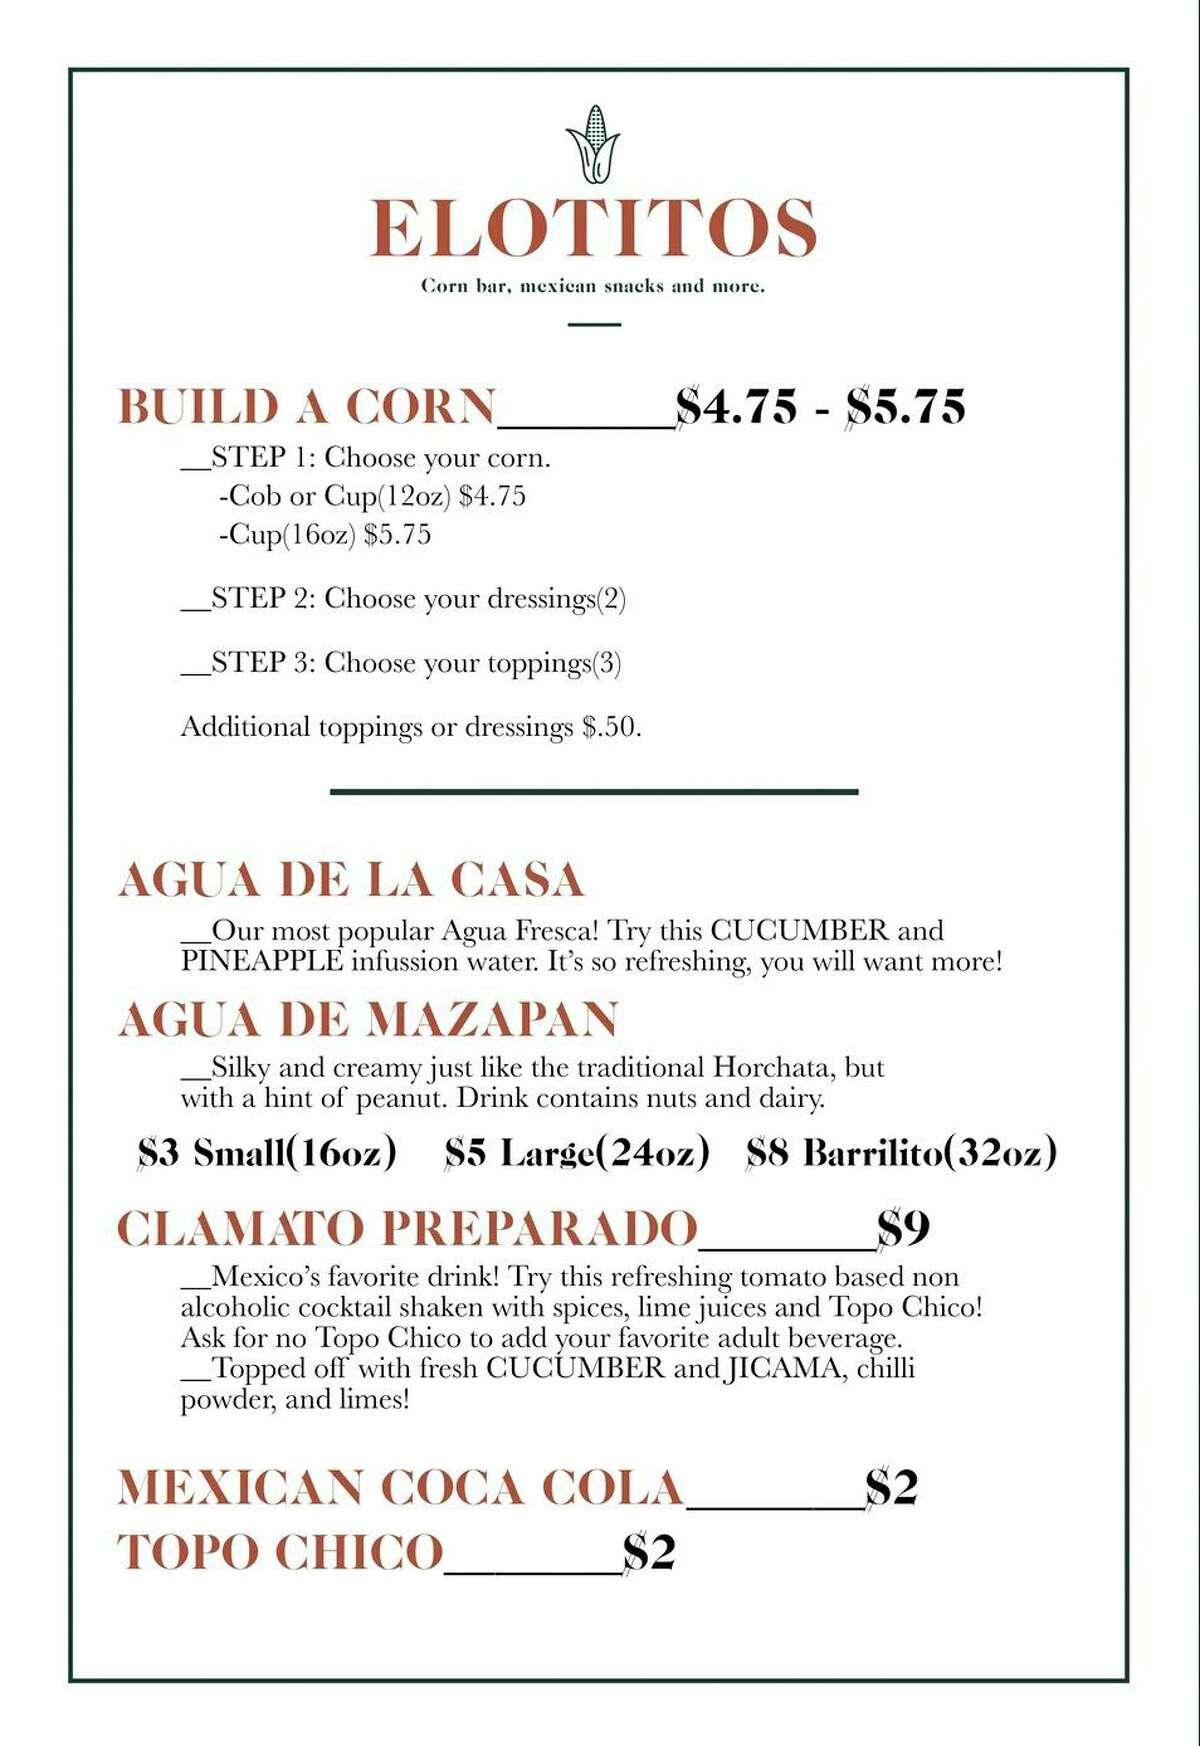 The menu at Elotitos Corn Bar